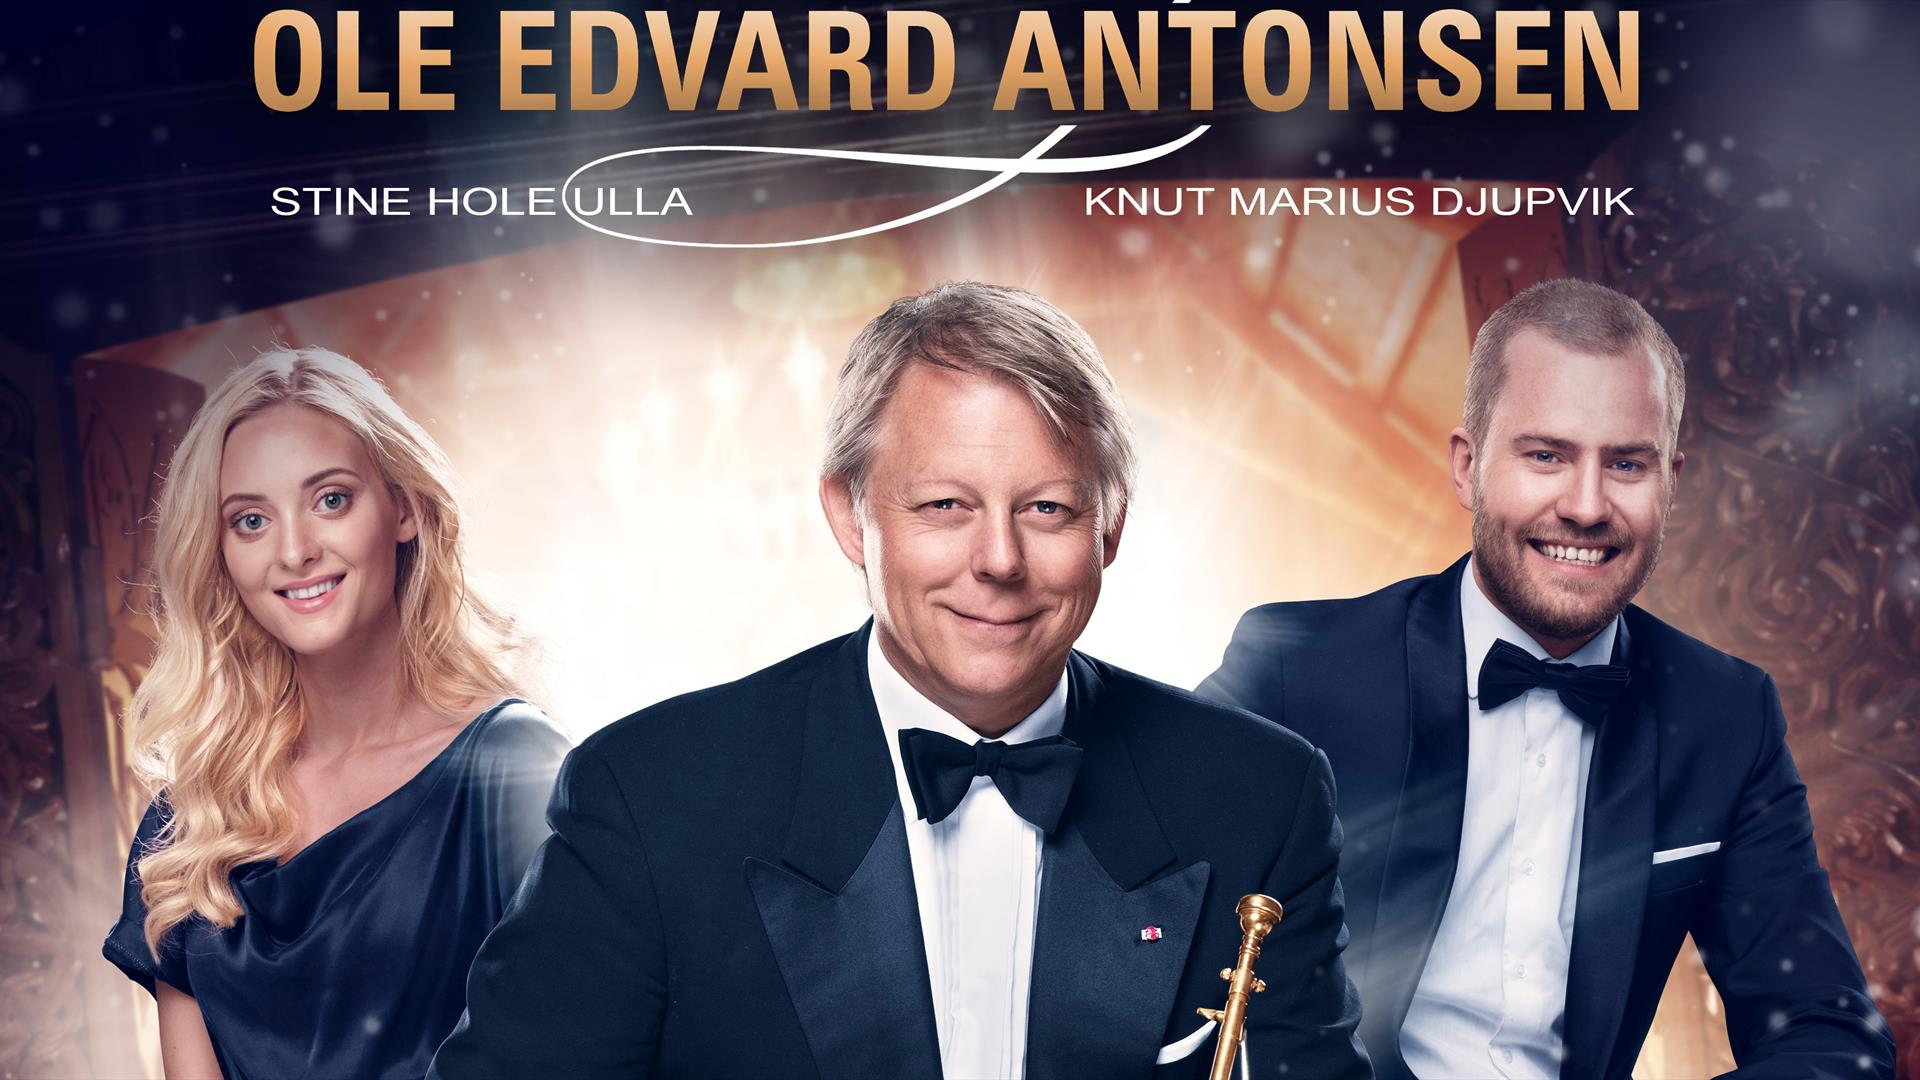 Konsert med Ole Edvard Antonsen og hans gjester.